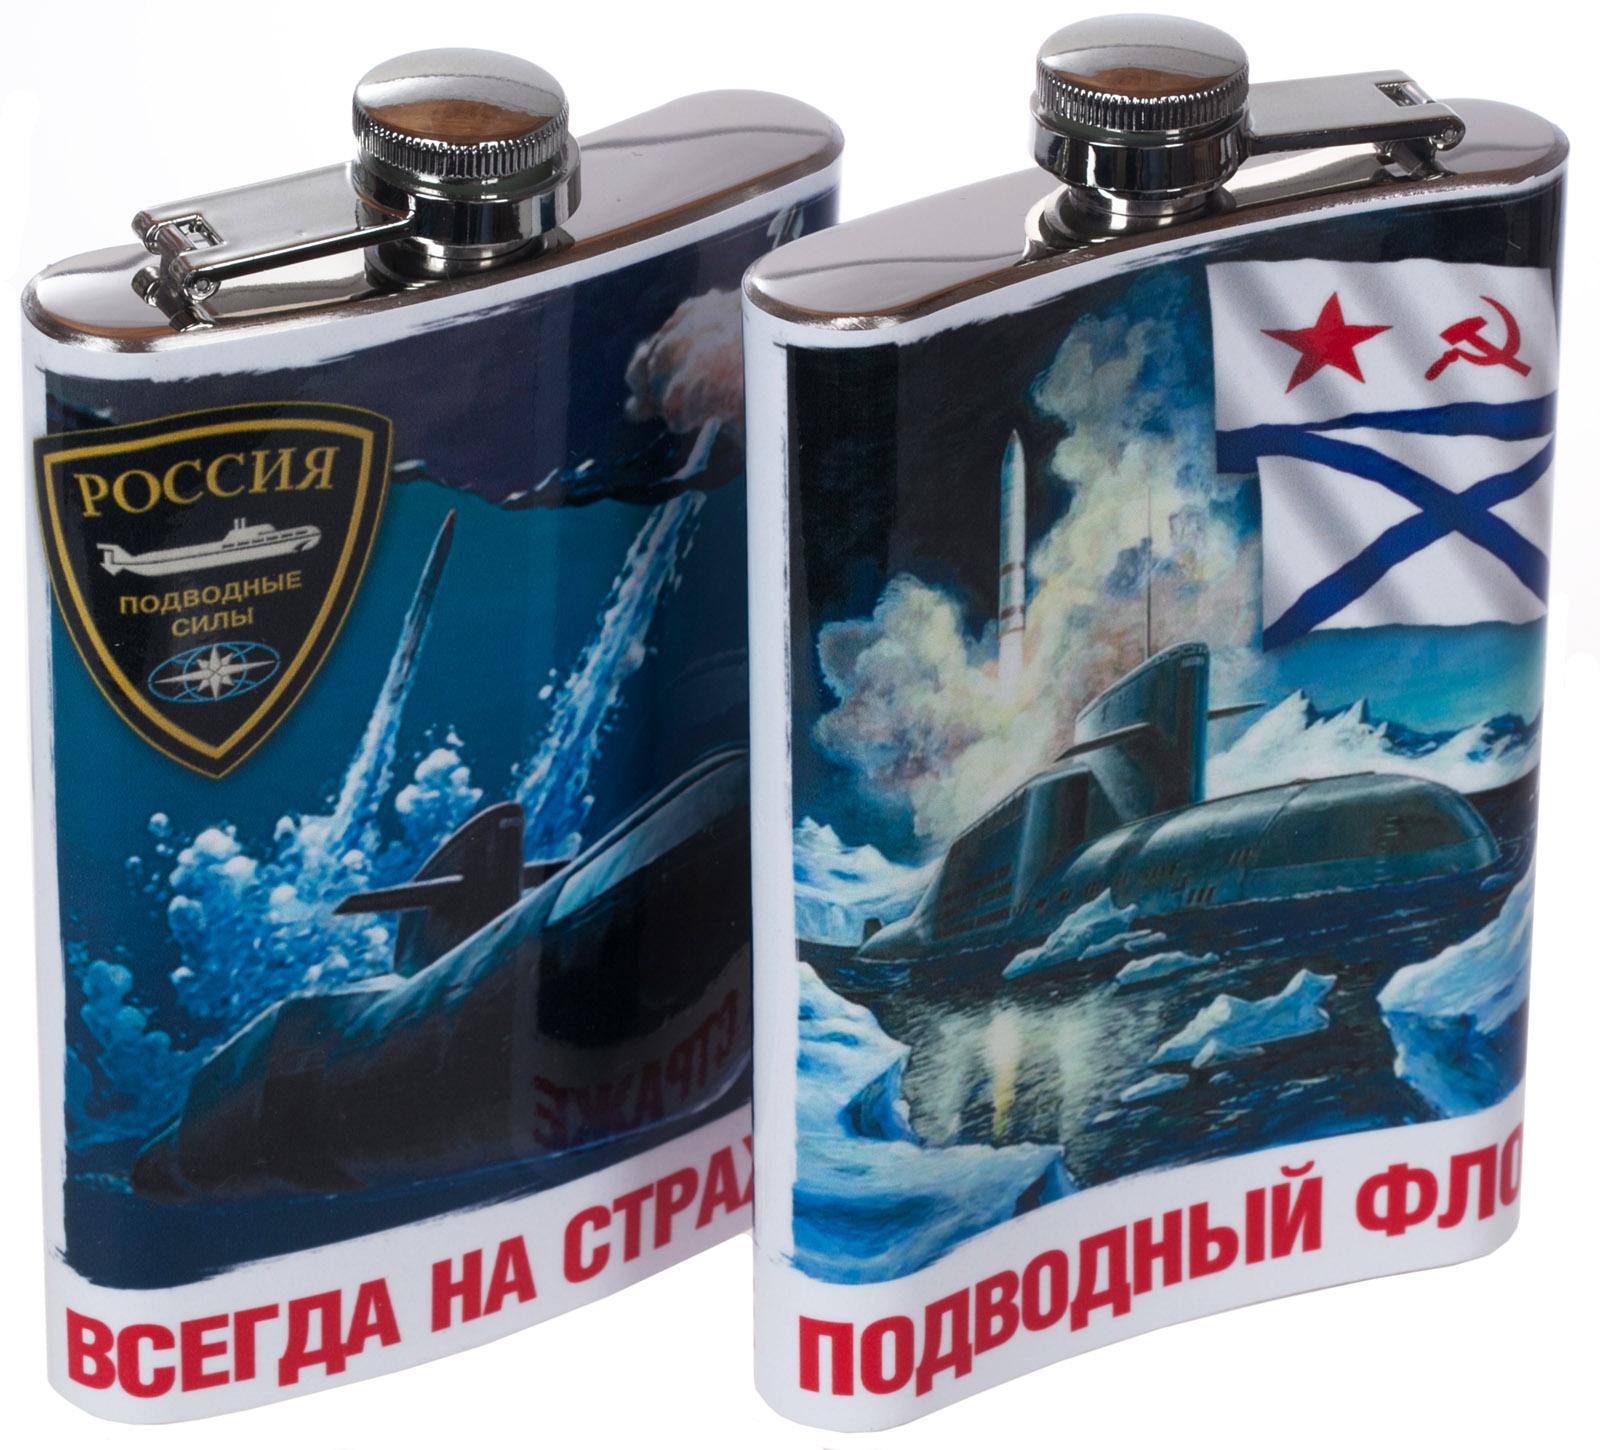 """Купить фляжку """"Подводный флот"""" по лучшей цене"""